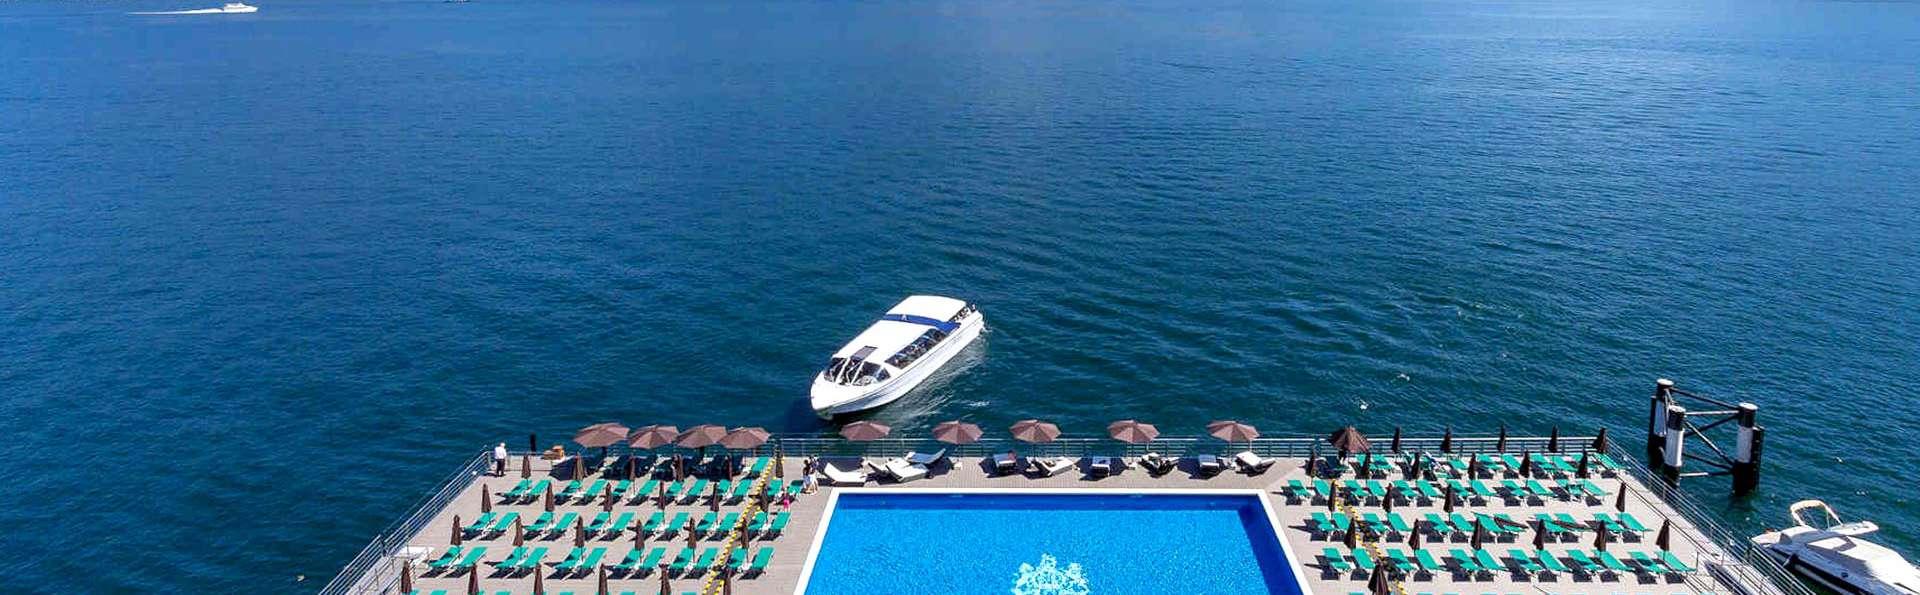 Séjour idyllique tout inclus au bord du lac de Côme